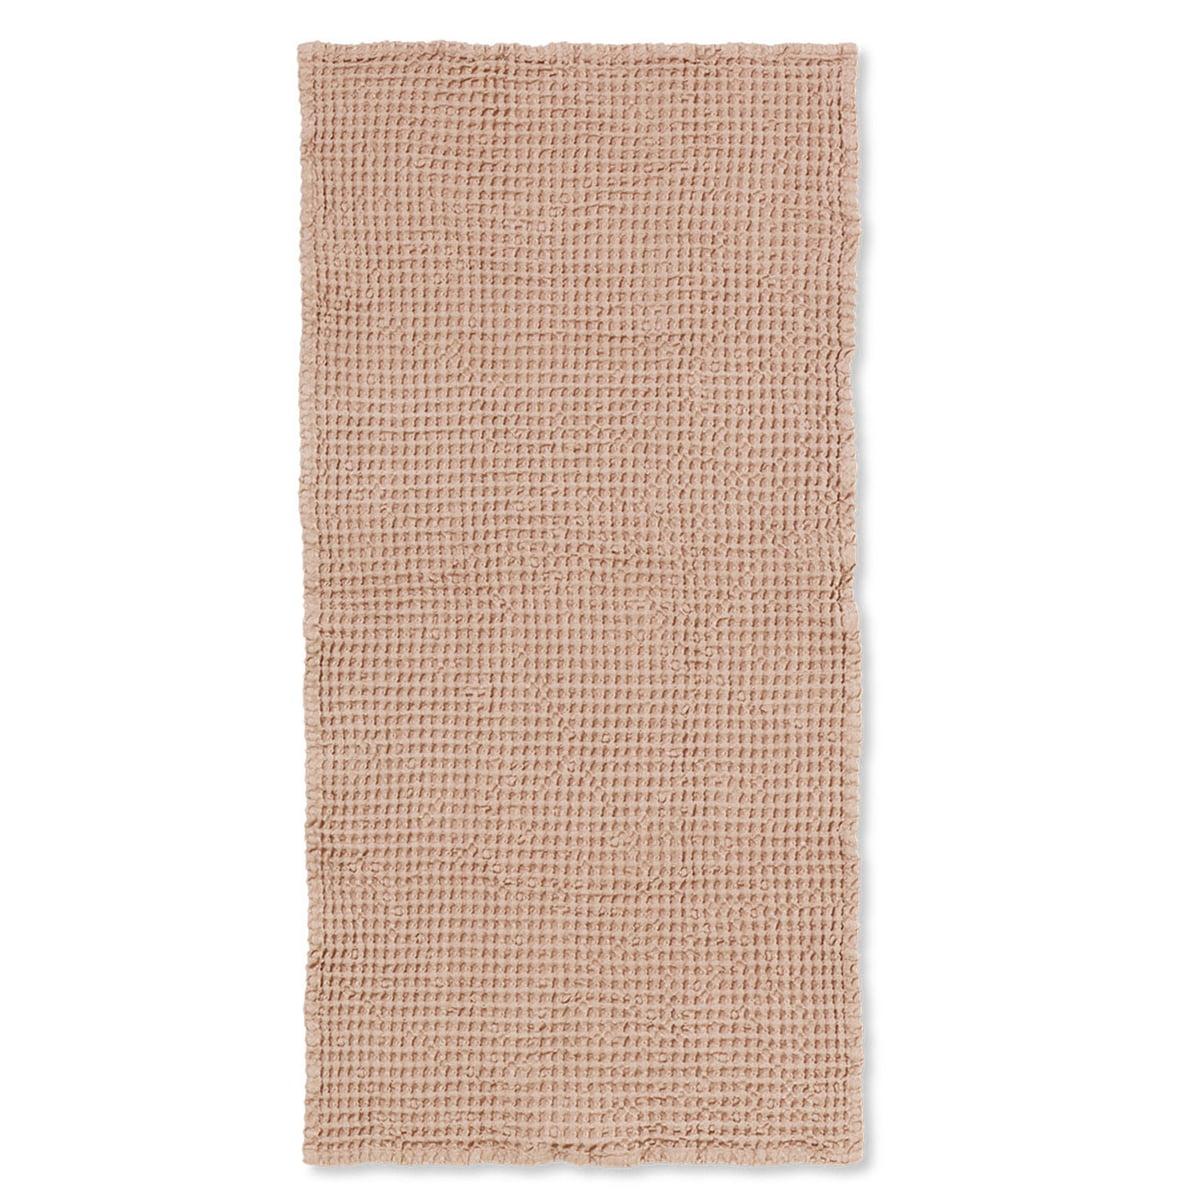 ferm Living - Organic Badetuch, 140 x 70 cm, dusty rose | Bad > Handtücher > Badetücher | ferm living